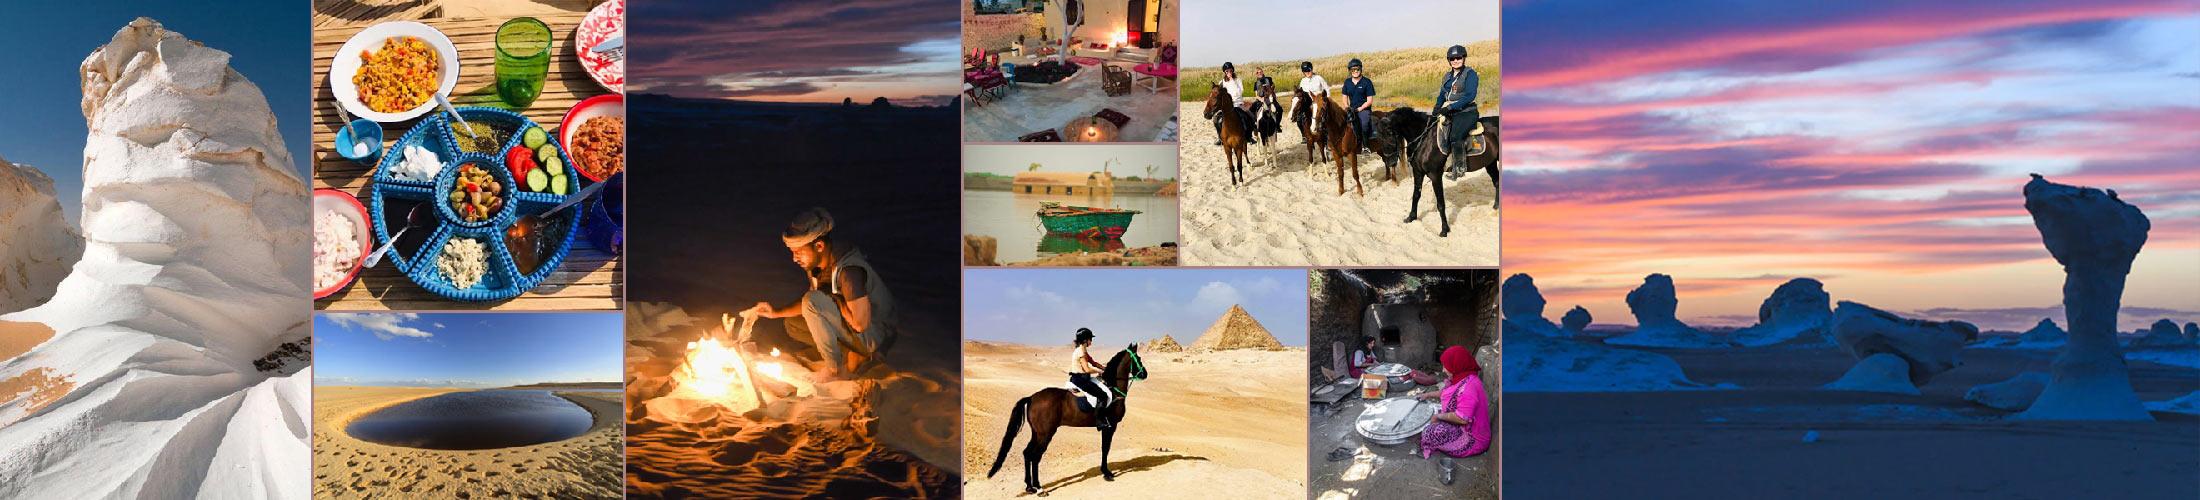 Winter Wonderland - White Desert Safari